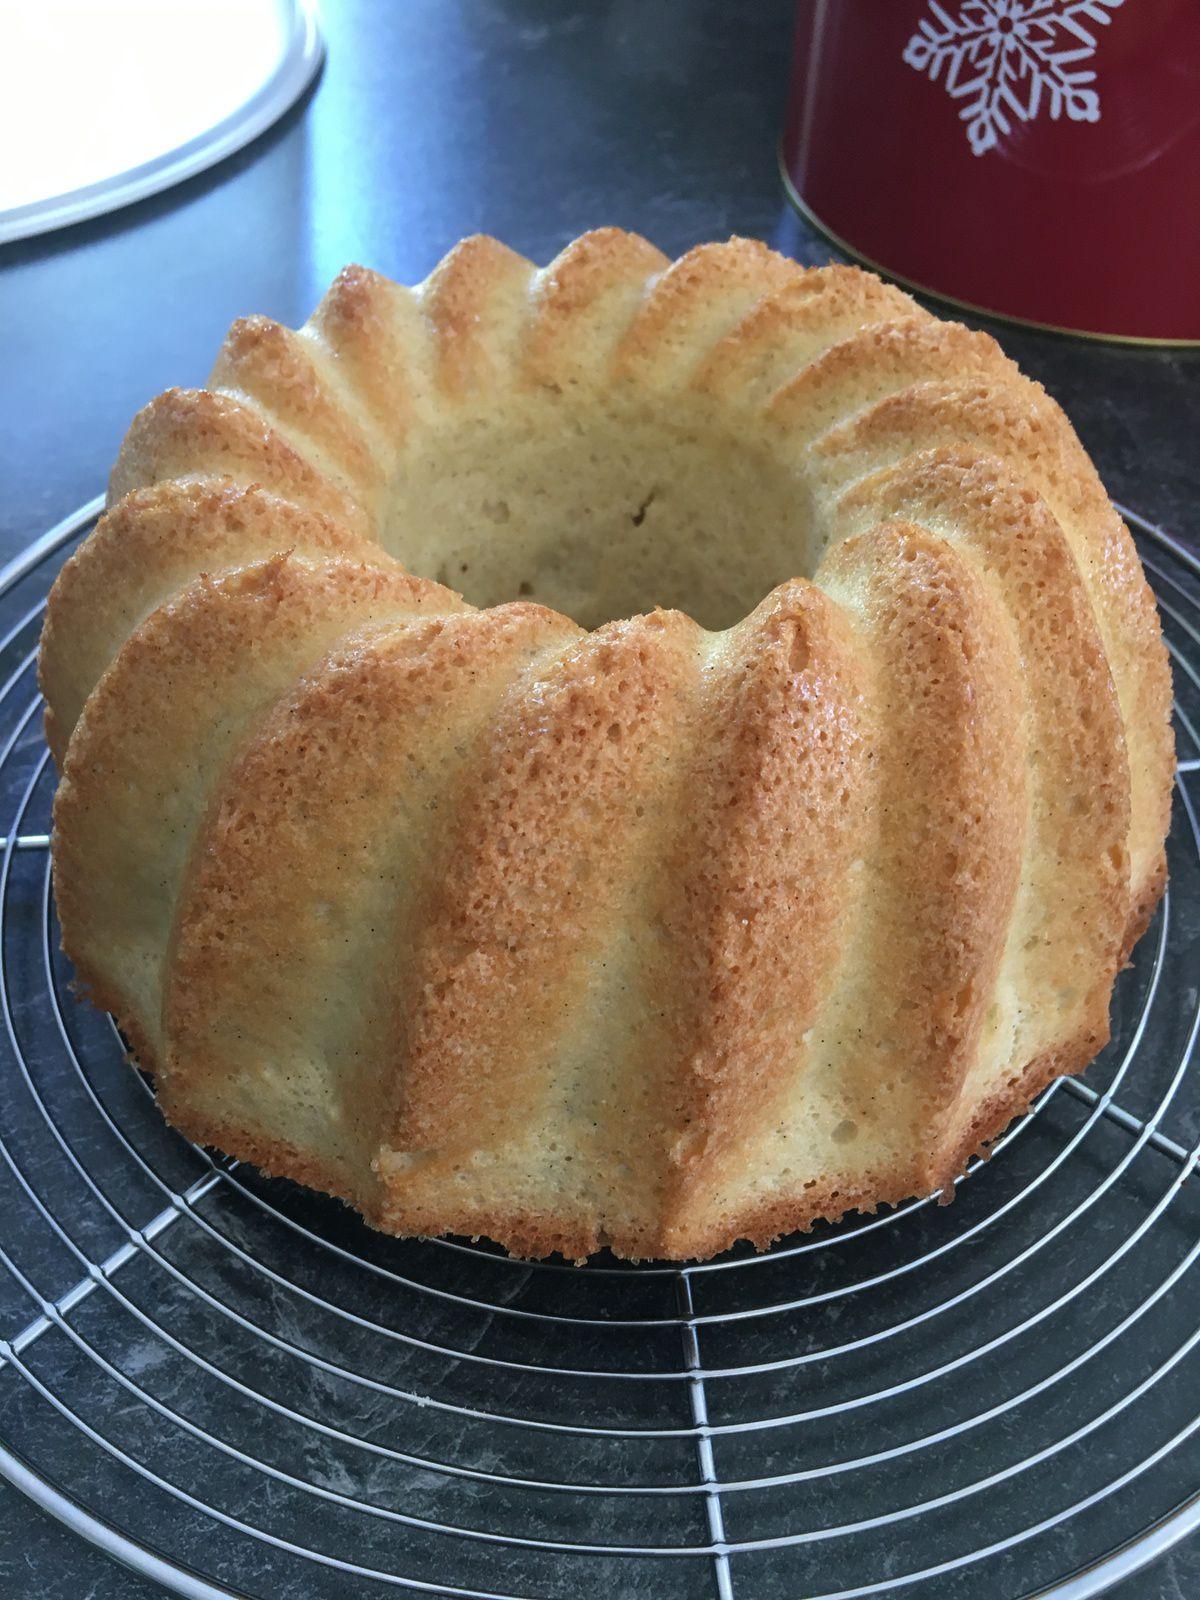 Gâteau vanille aux 8 blancs d'oeuf (recycler ses blancs d'oeuf congelés)